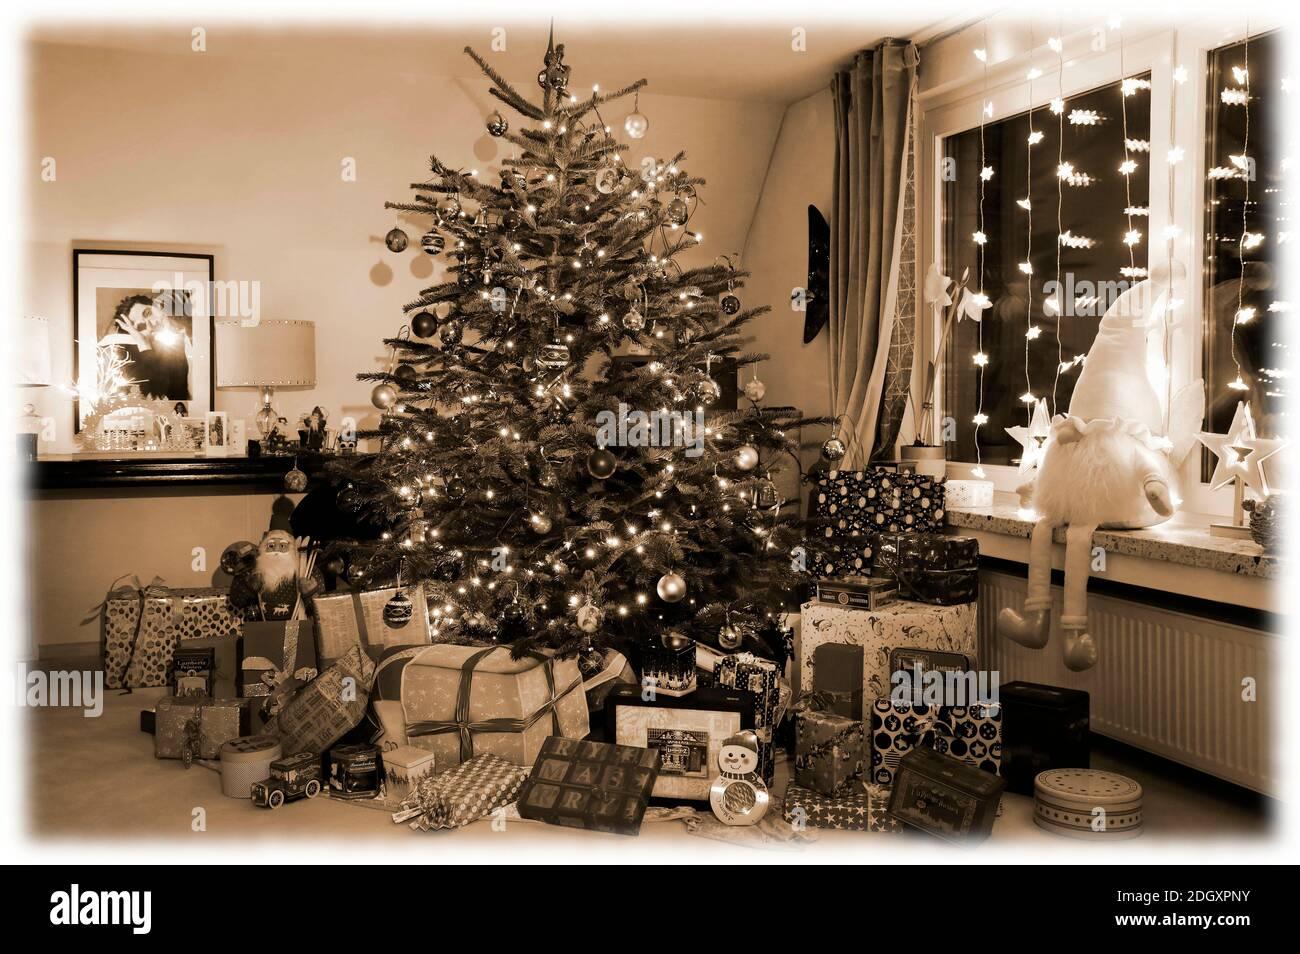 L'heure de l'arrivée avec Dany Michalski. Exclusivité de phototournage avec modèle Katey comme un paquet de Noël de peinture de corps à Einbeck le 6 décembre 2020 - artiste de peinture de corps: Joerg Duesterwald Banque D'Images